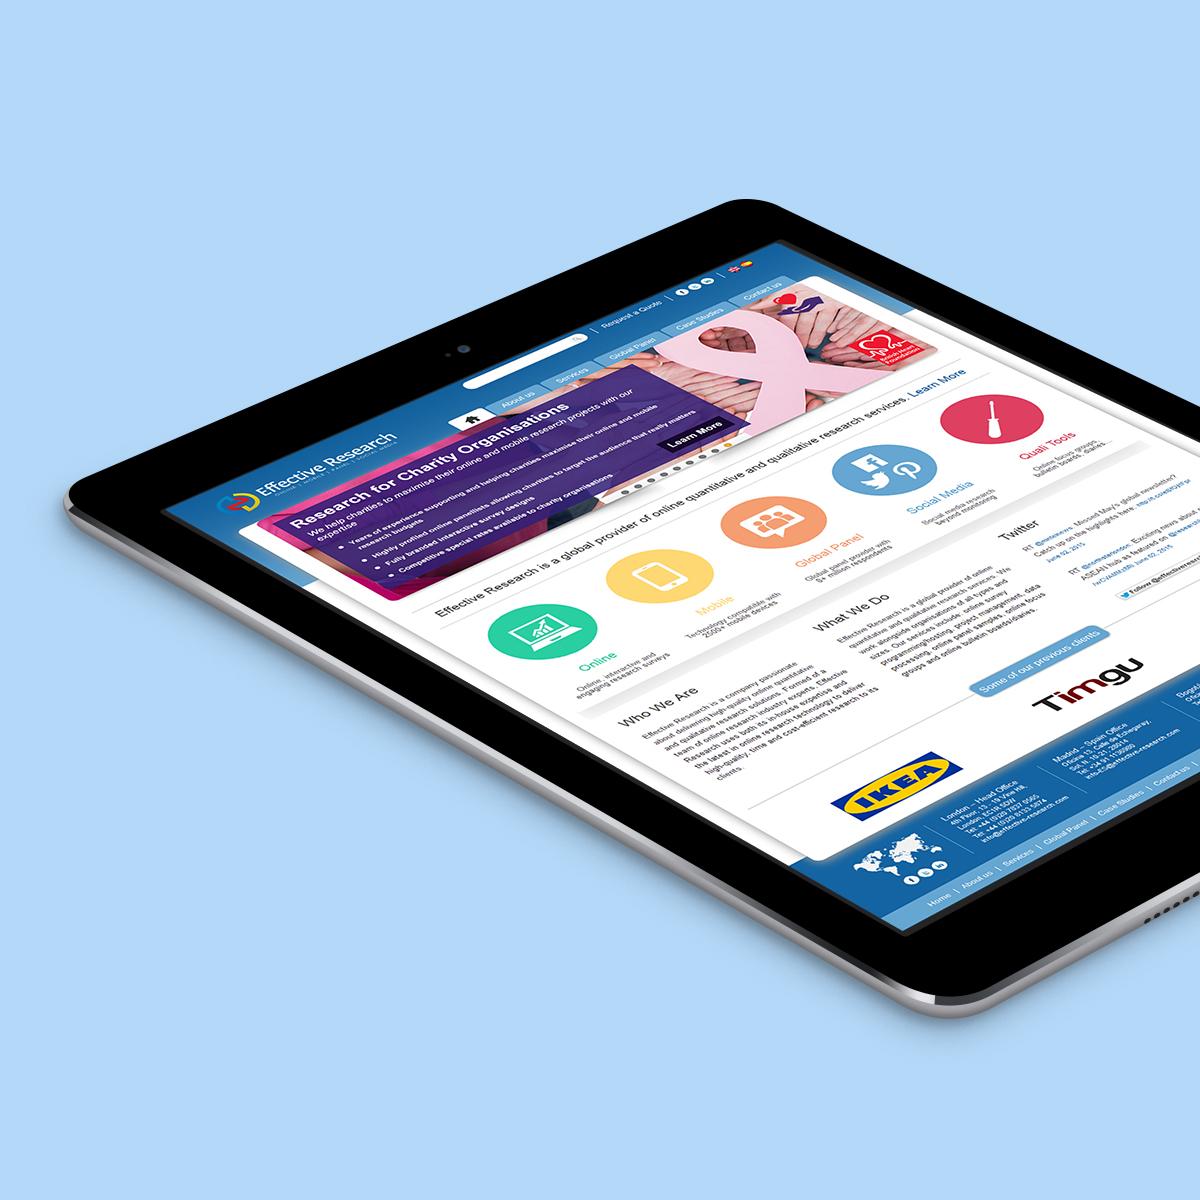 Market Research Firm Website Design